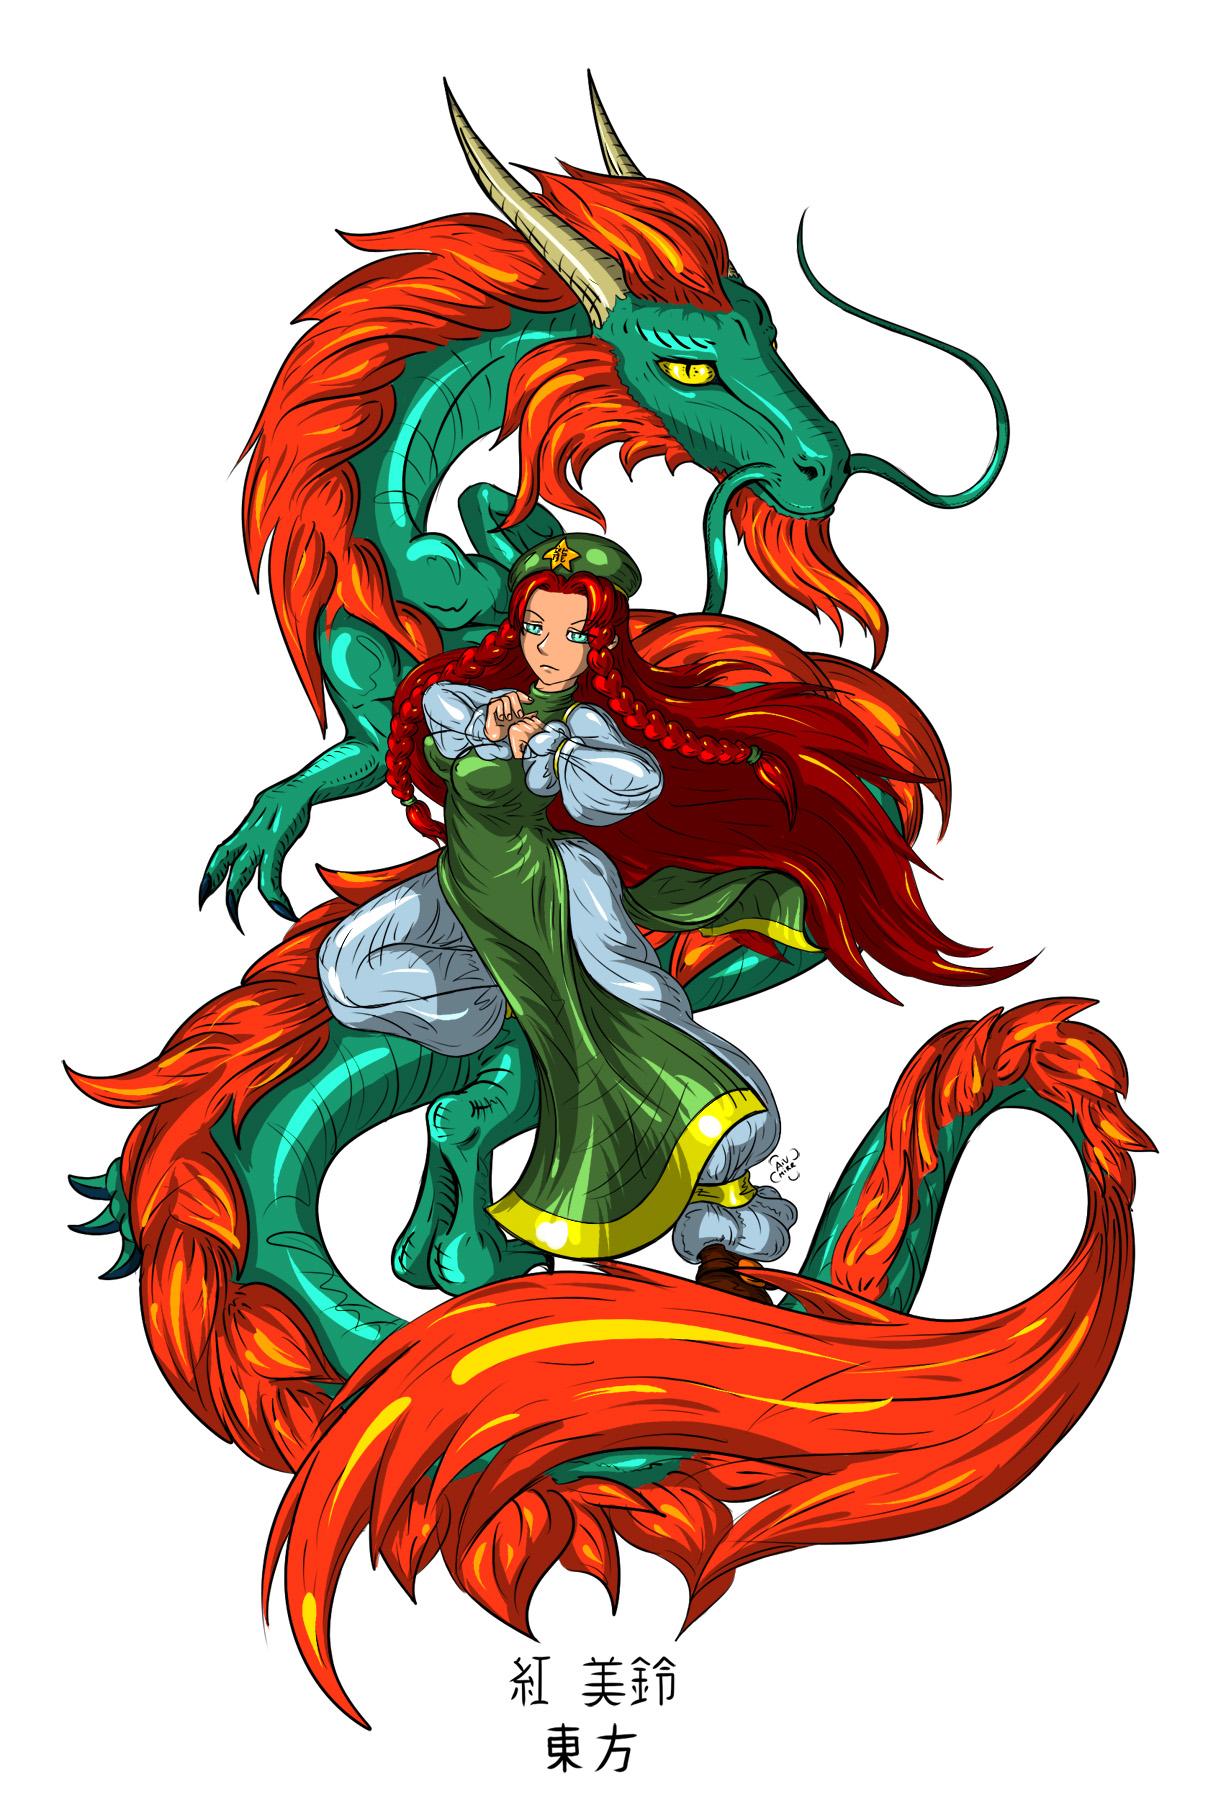 Chienese gatekeeper Hong Meiling by AiVmirr